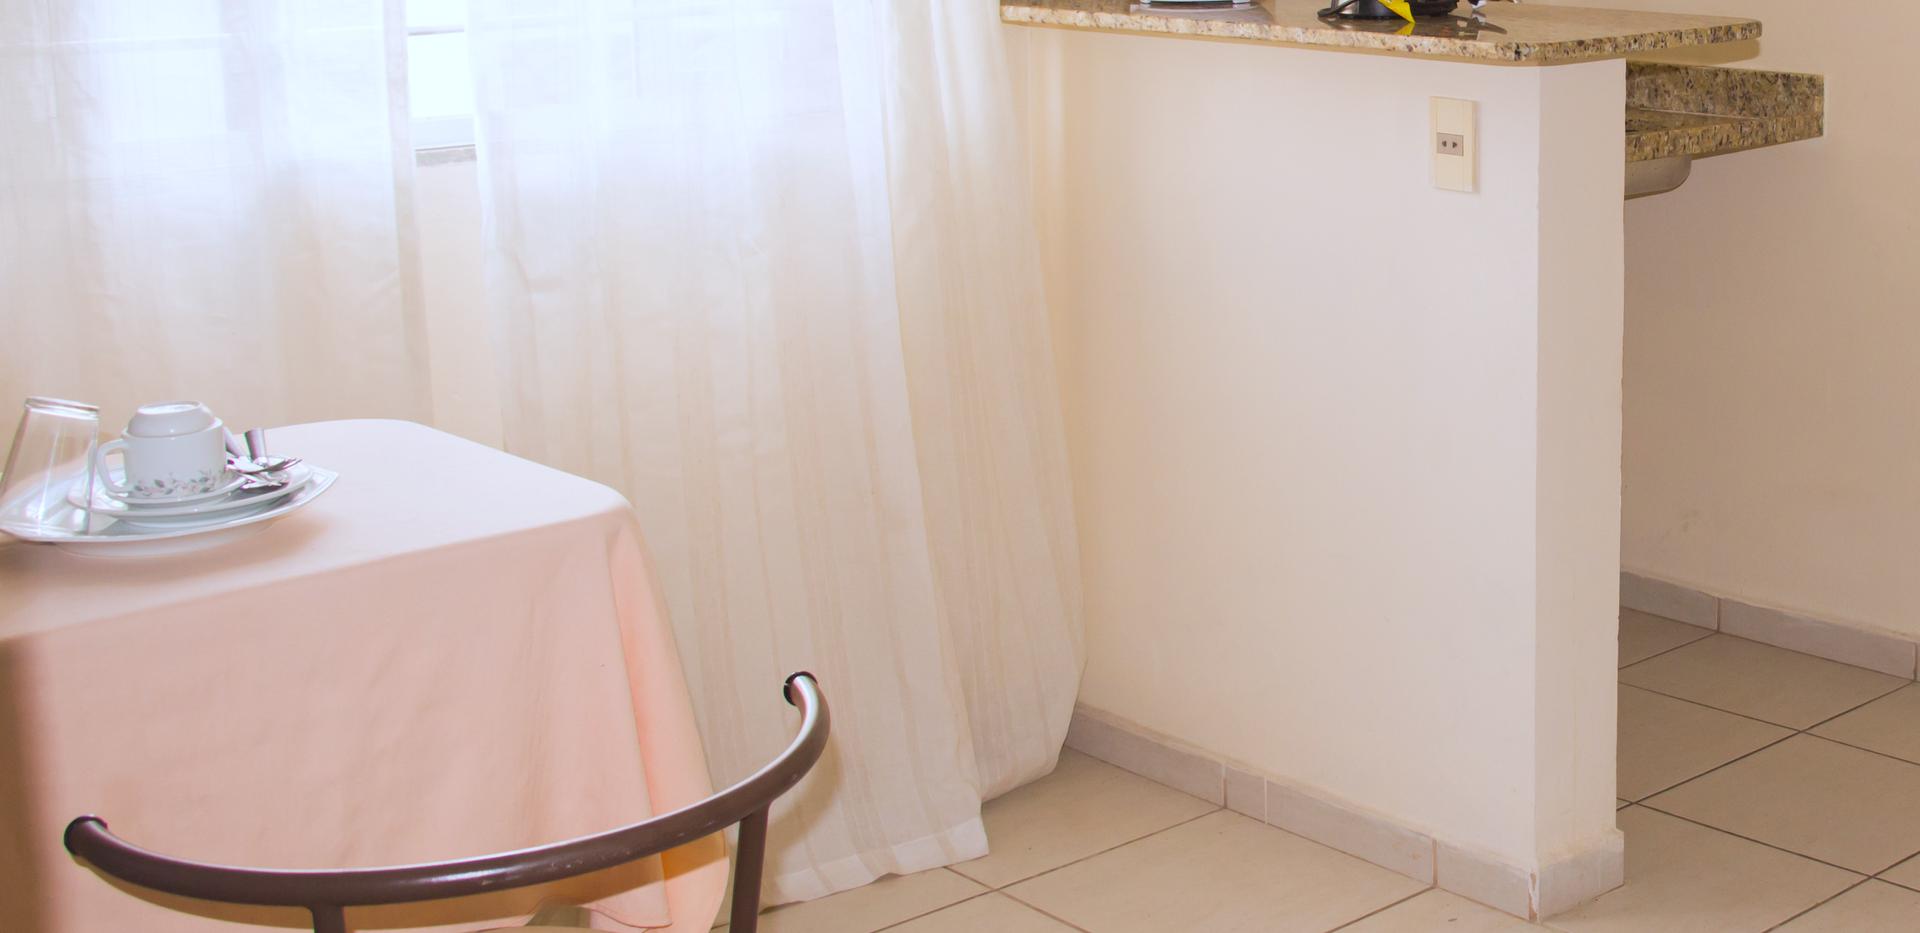 Área de refeição com cozinha de apoio